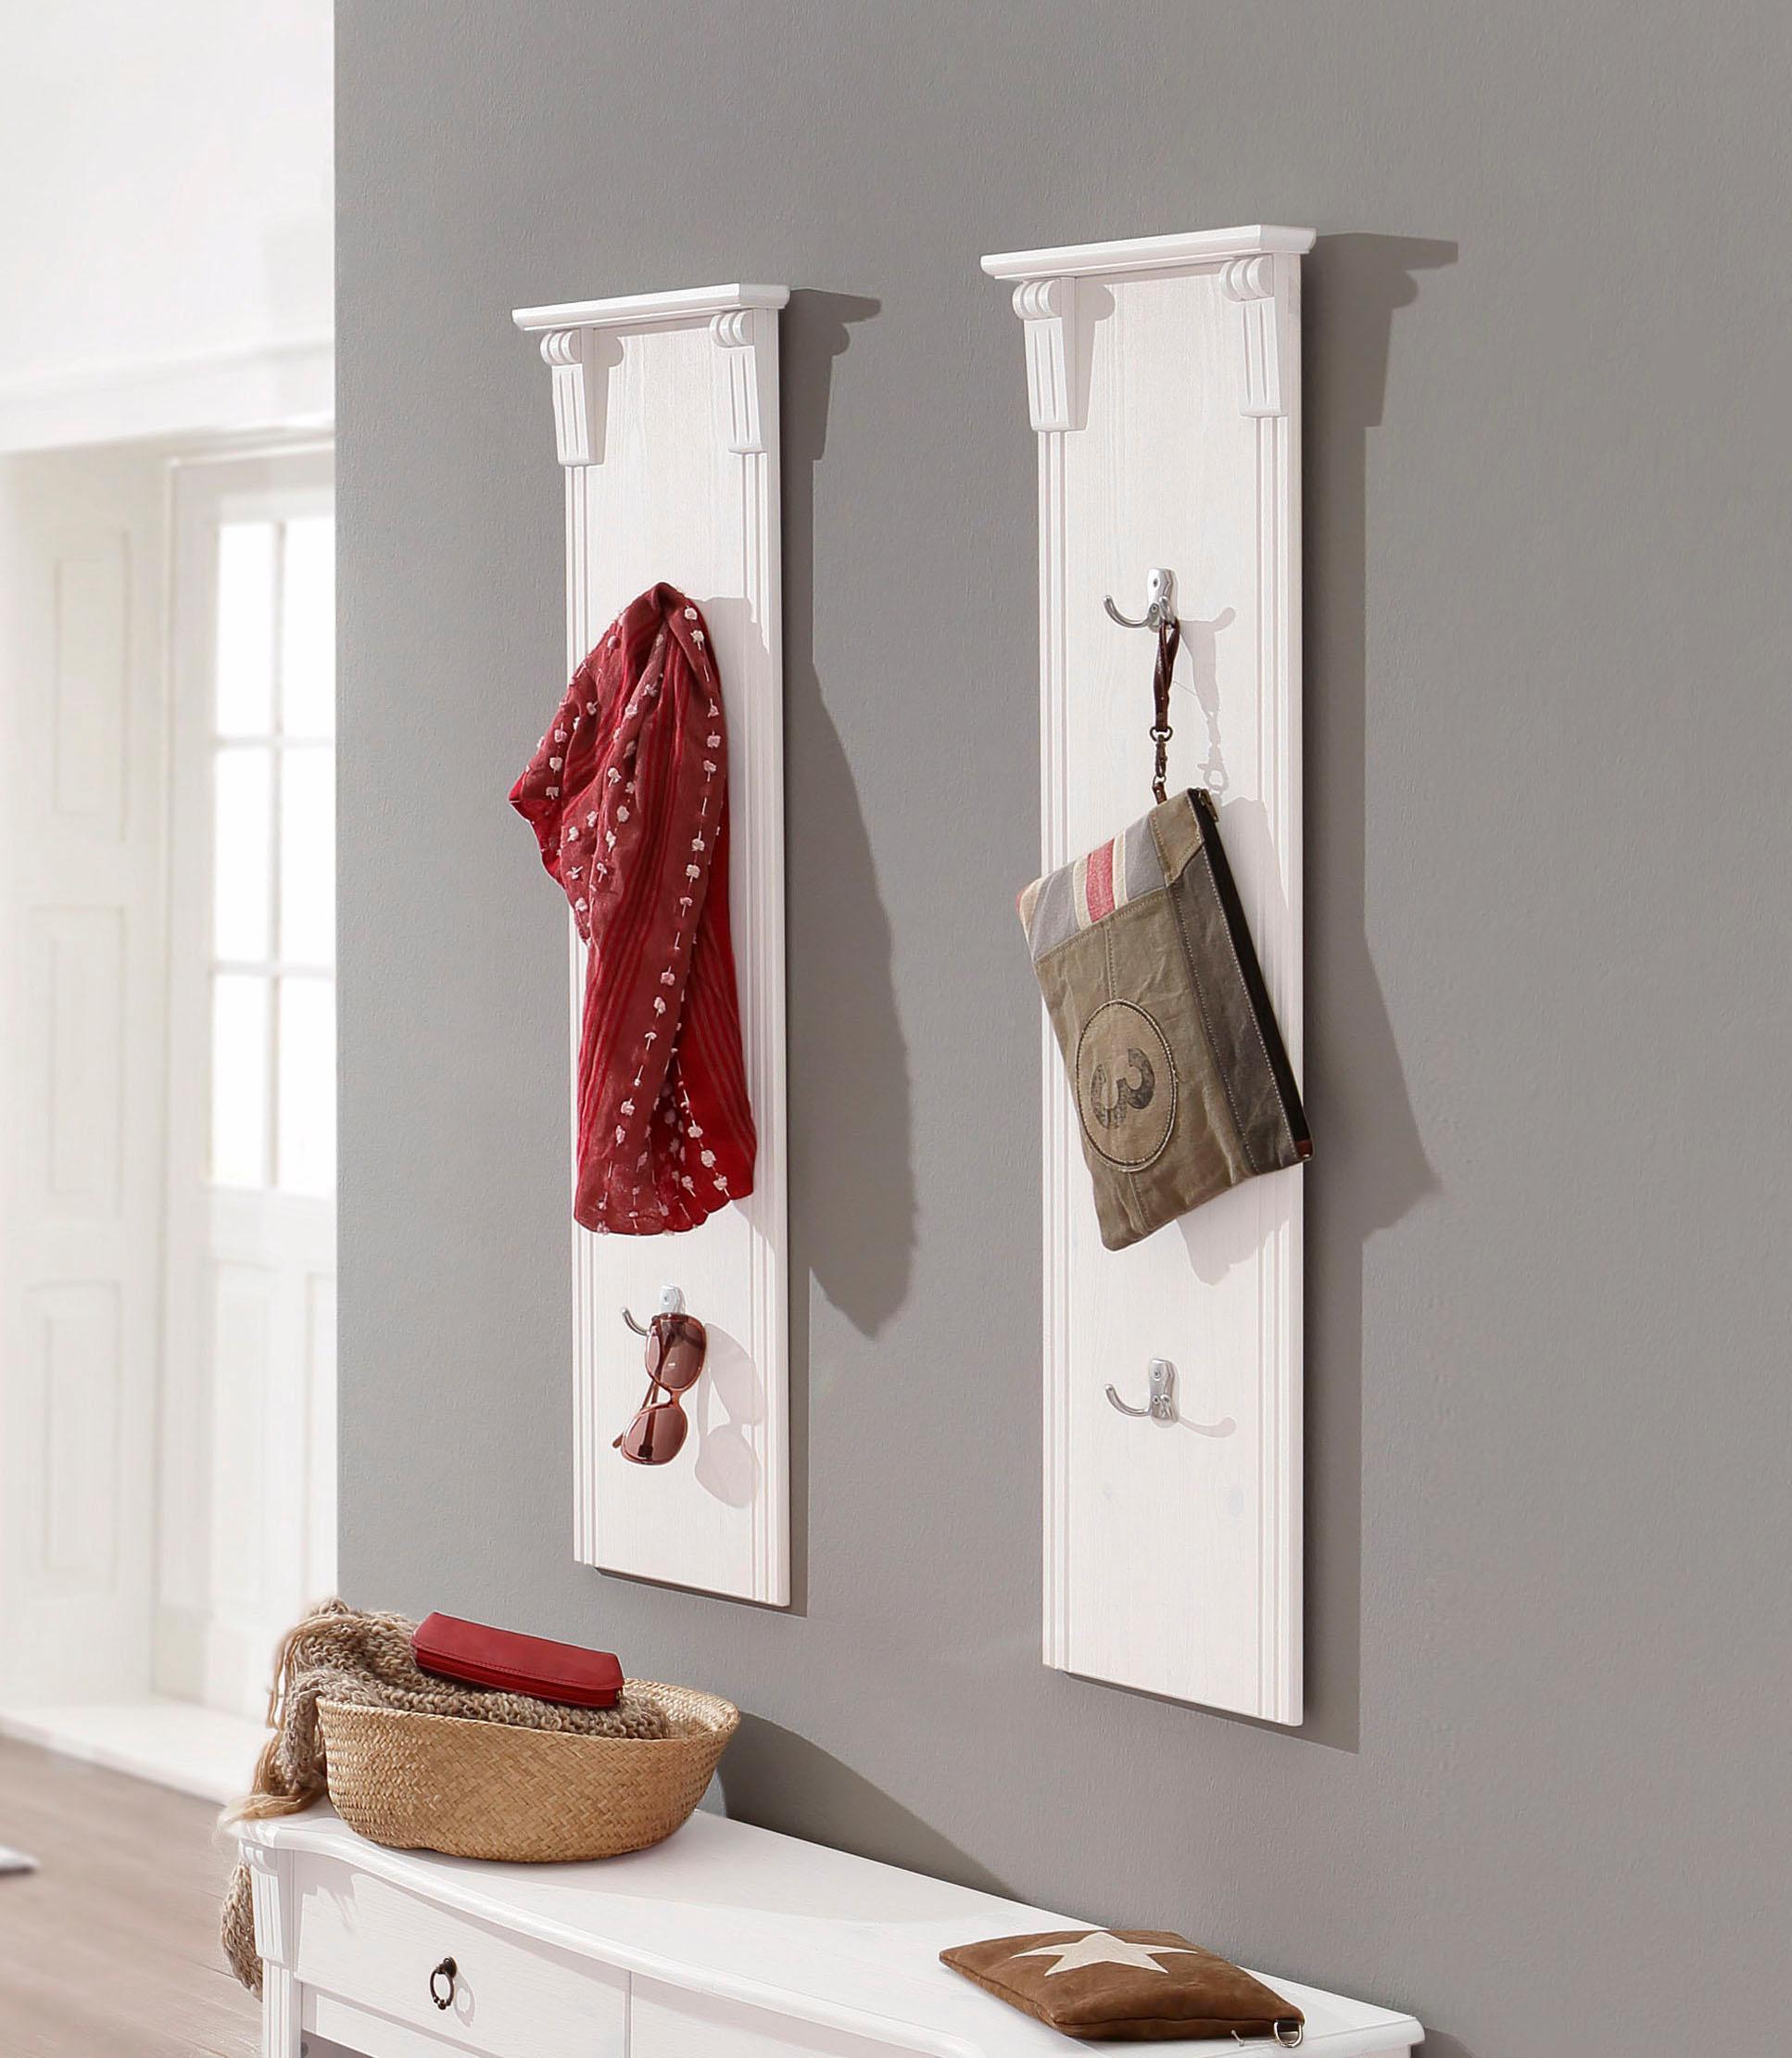 Home affaire Garderobenpaneel, als 2er-Set, Breite 30 cm je Paneel weiß Garderobenpaneele Garderoben Garderobenpaneel